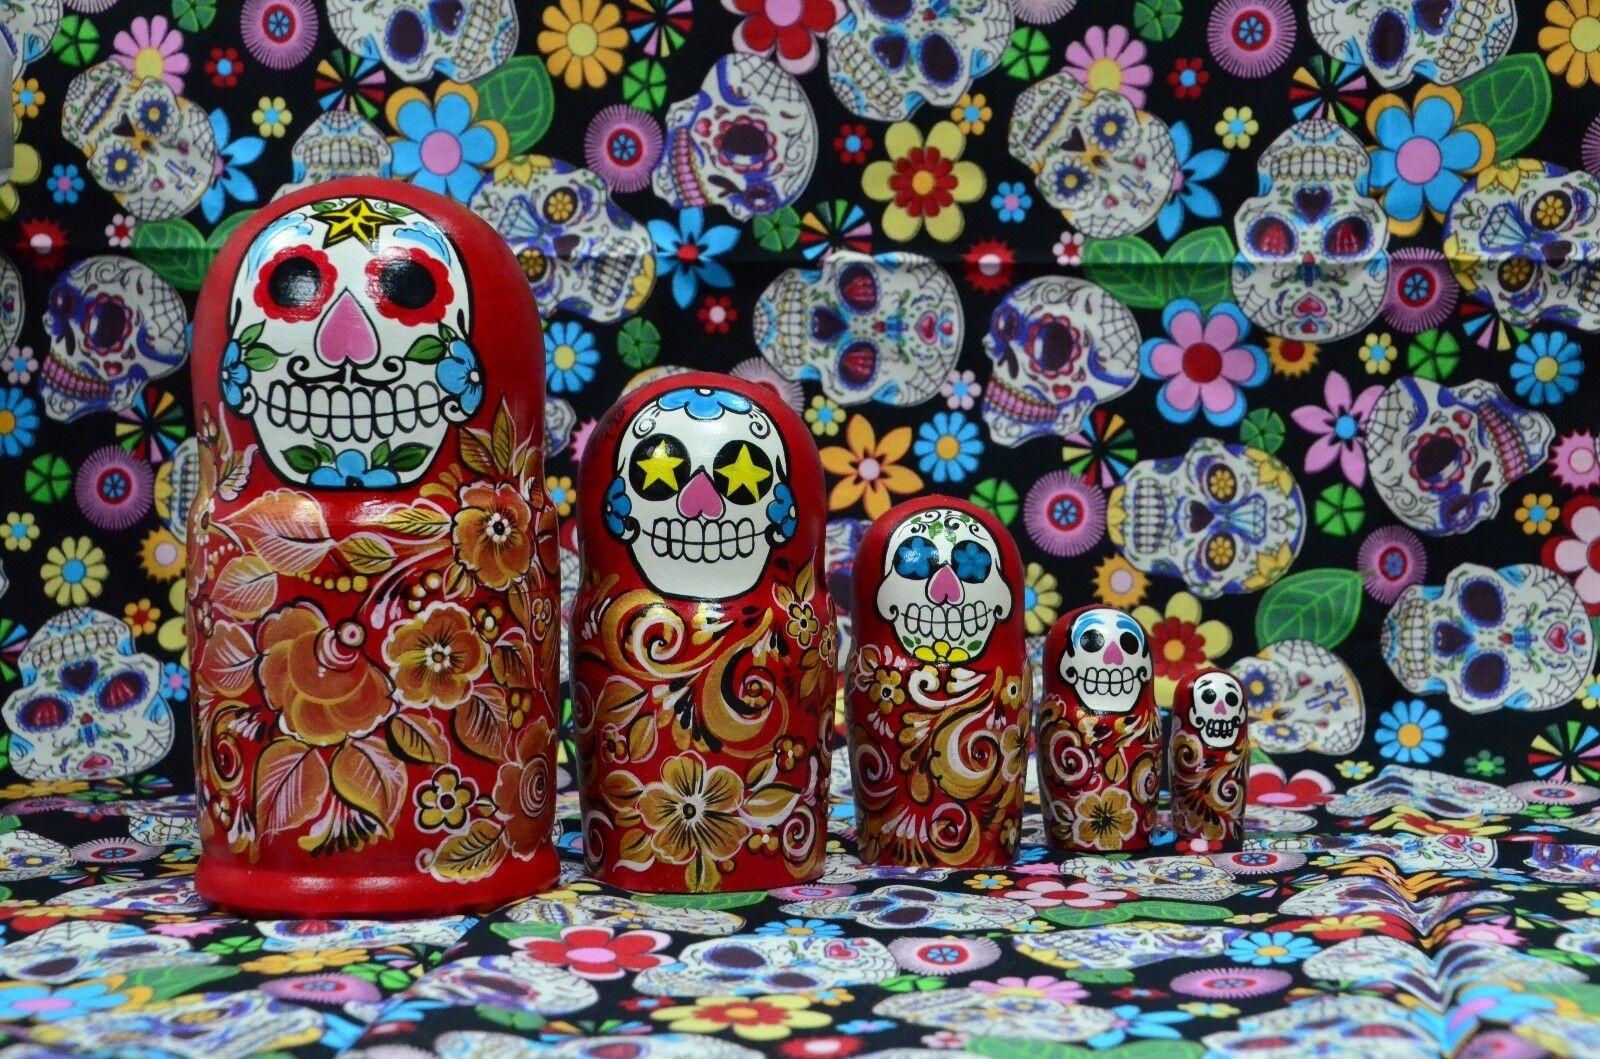 nuovo Russian Matryoshka bambola nesting  bambolas, Mexican,  Skull, hefatto  ti aspetto